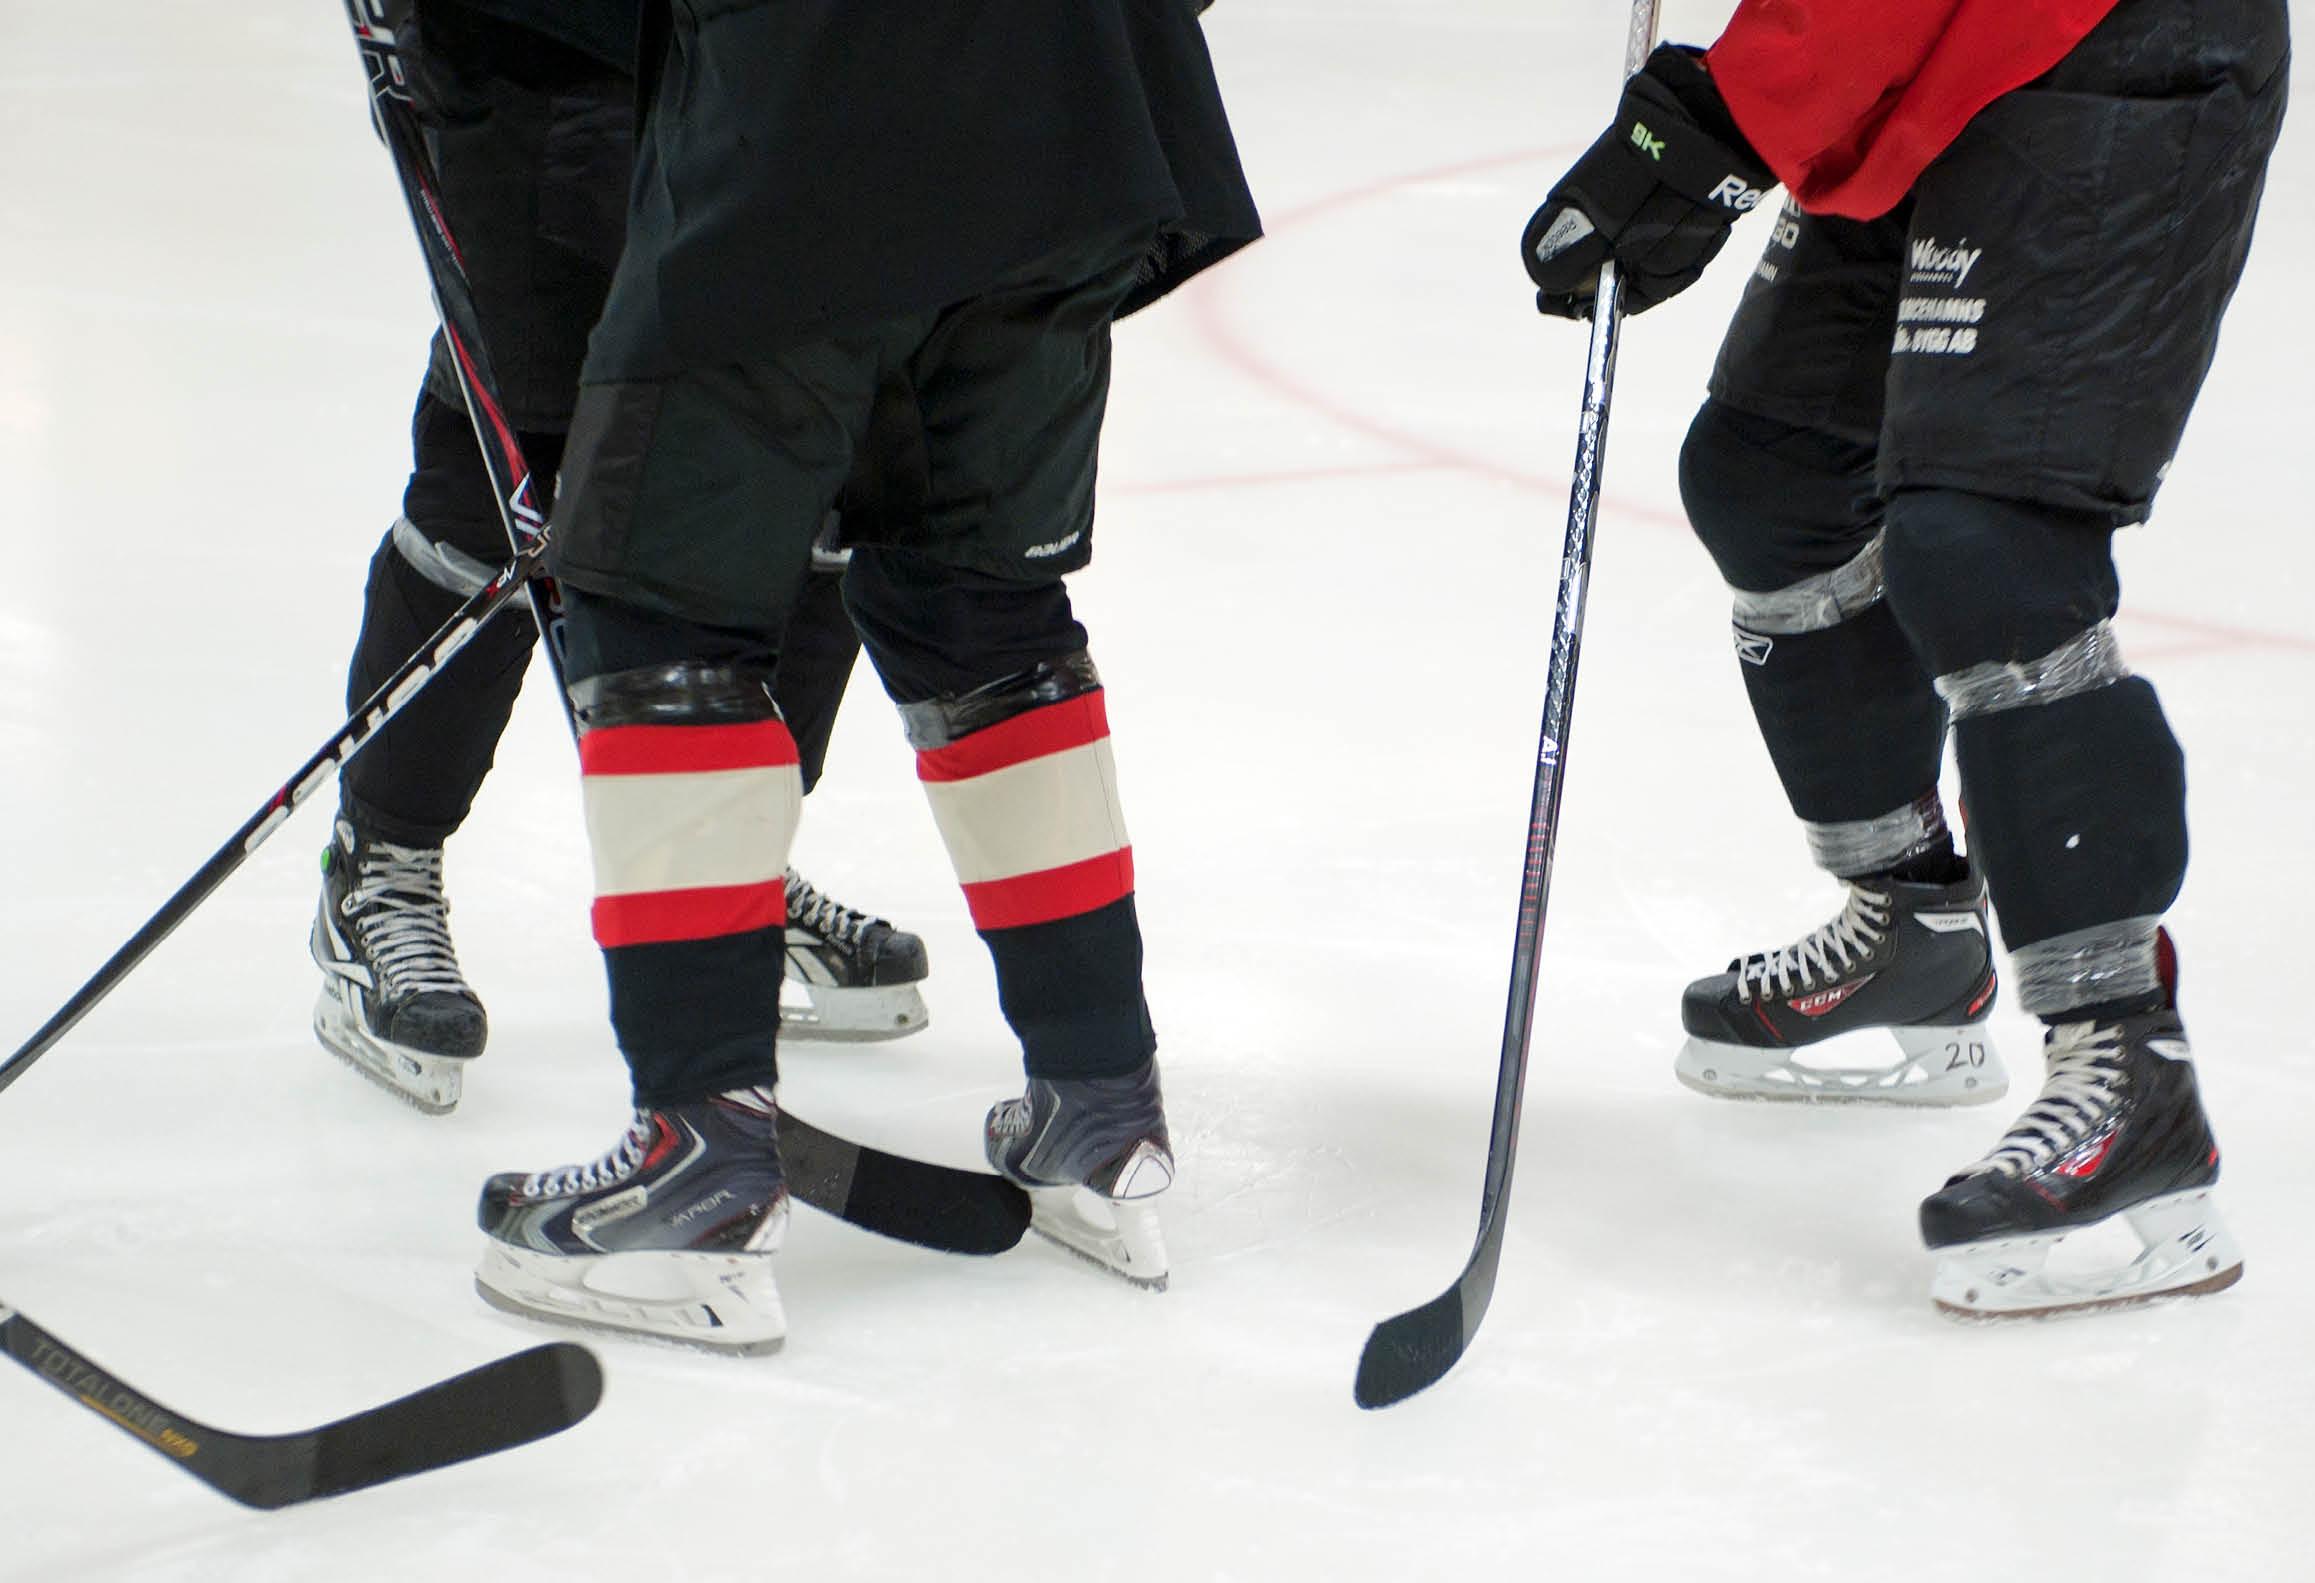 Hockeyspelare på is